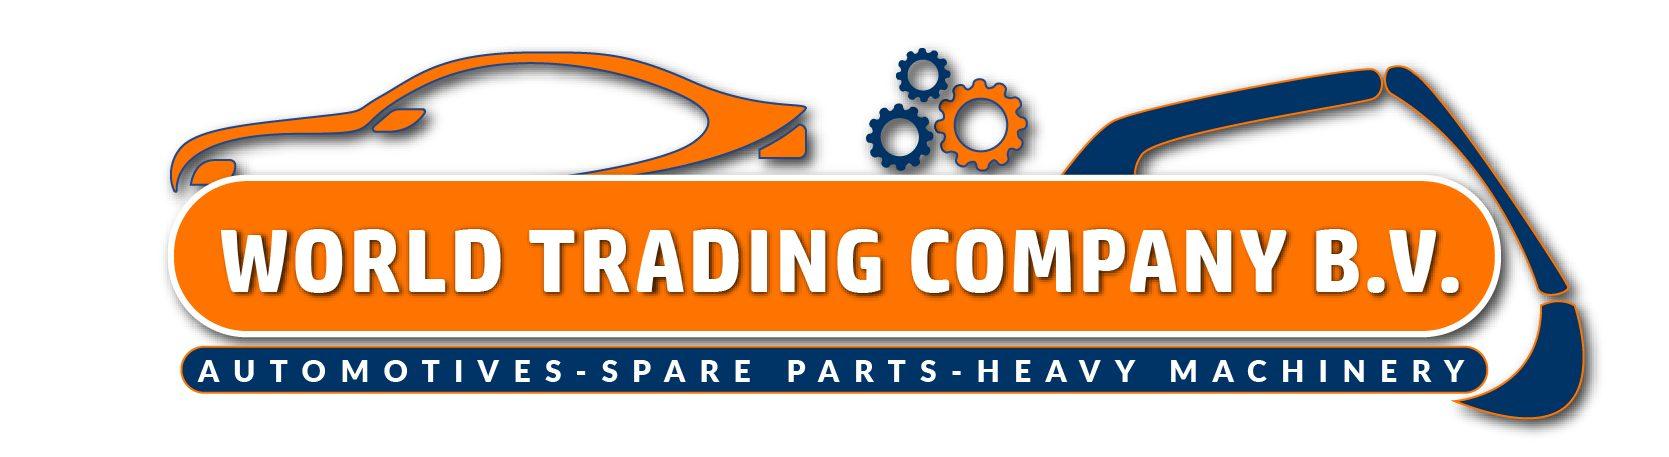 World Trading Company